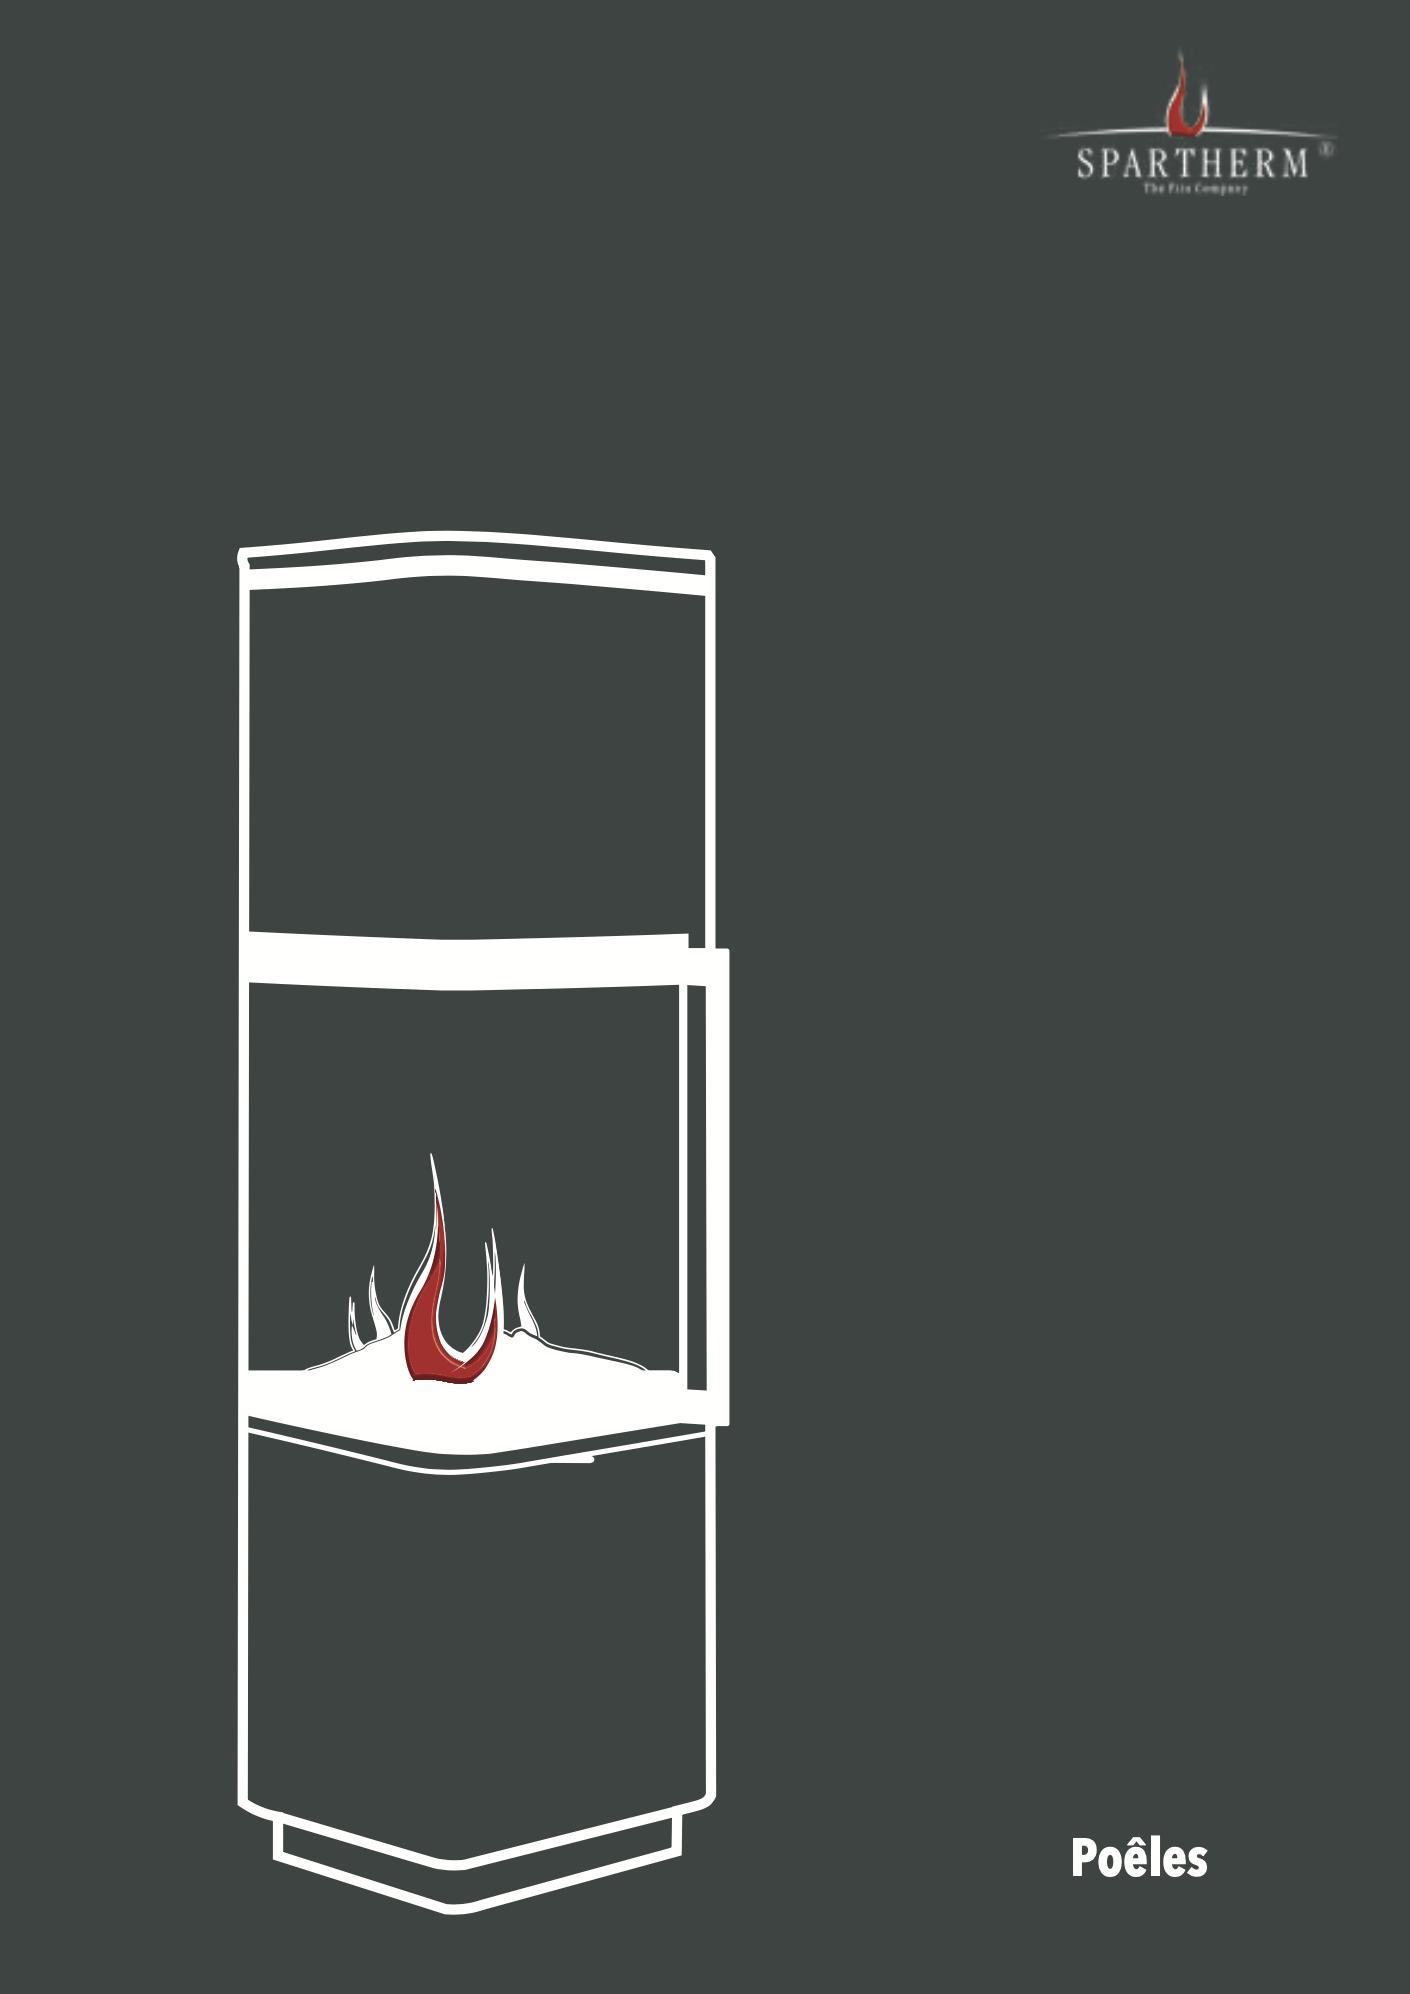 Le logo de la marque STUV